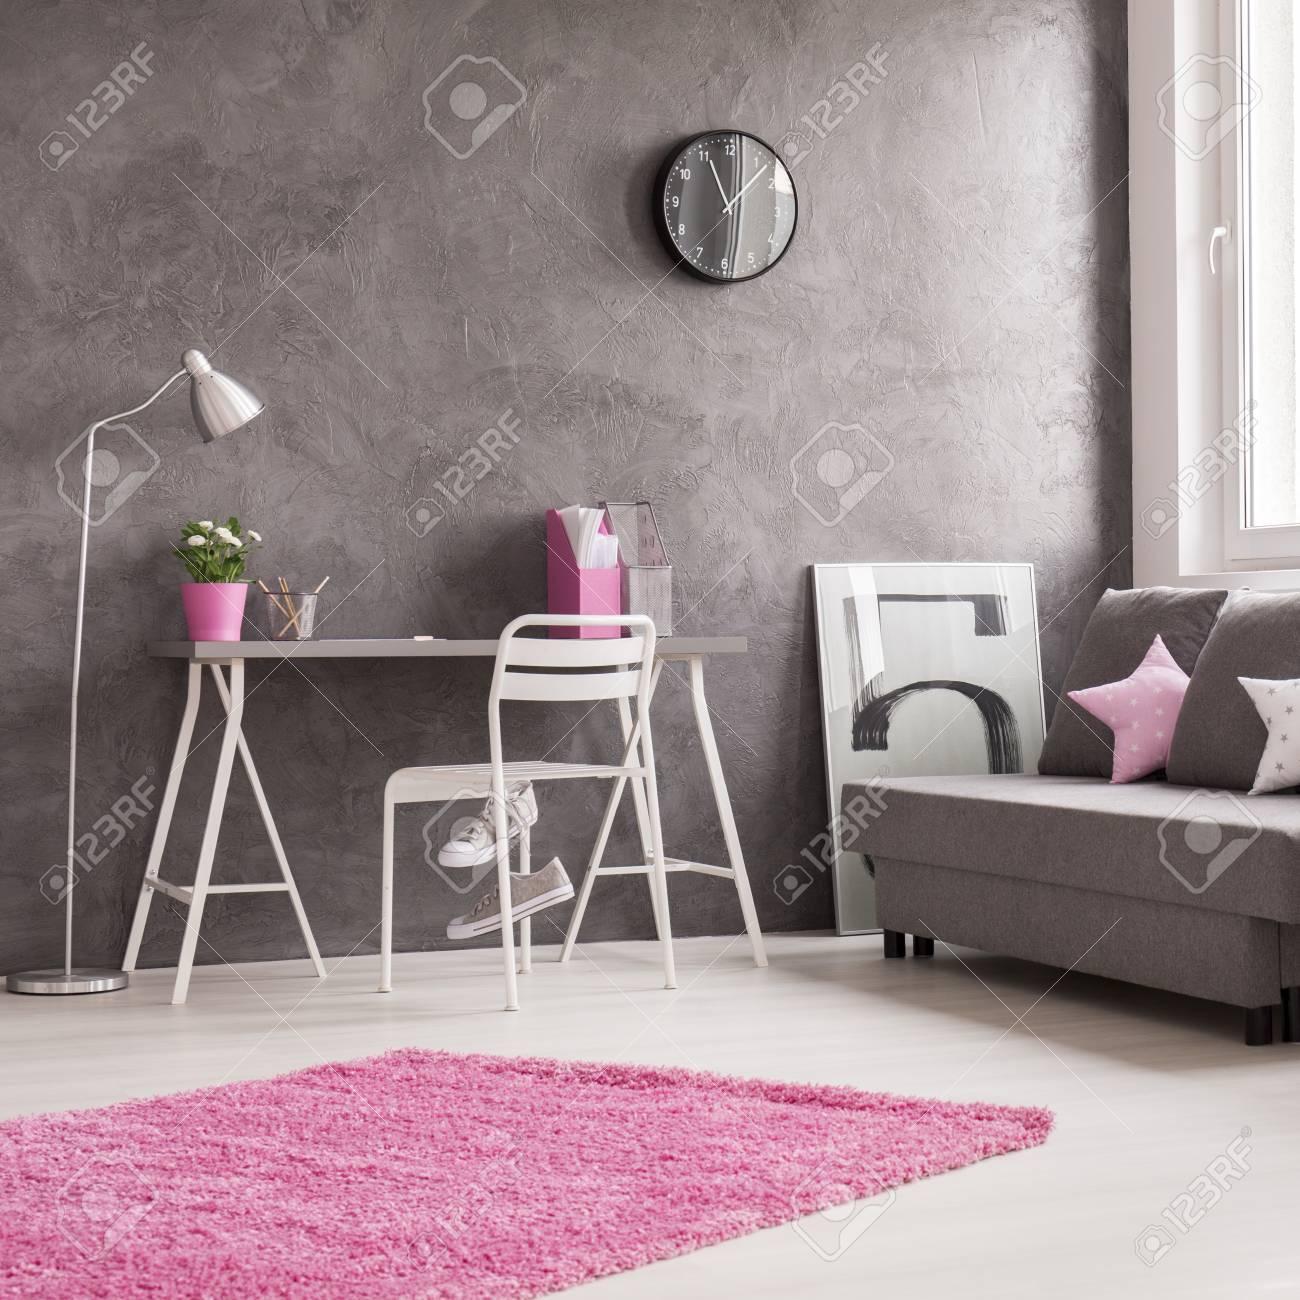 Geräumige Minimalistische Interieur In Grau, Rosa Und Weiß Mit ...